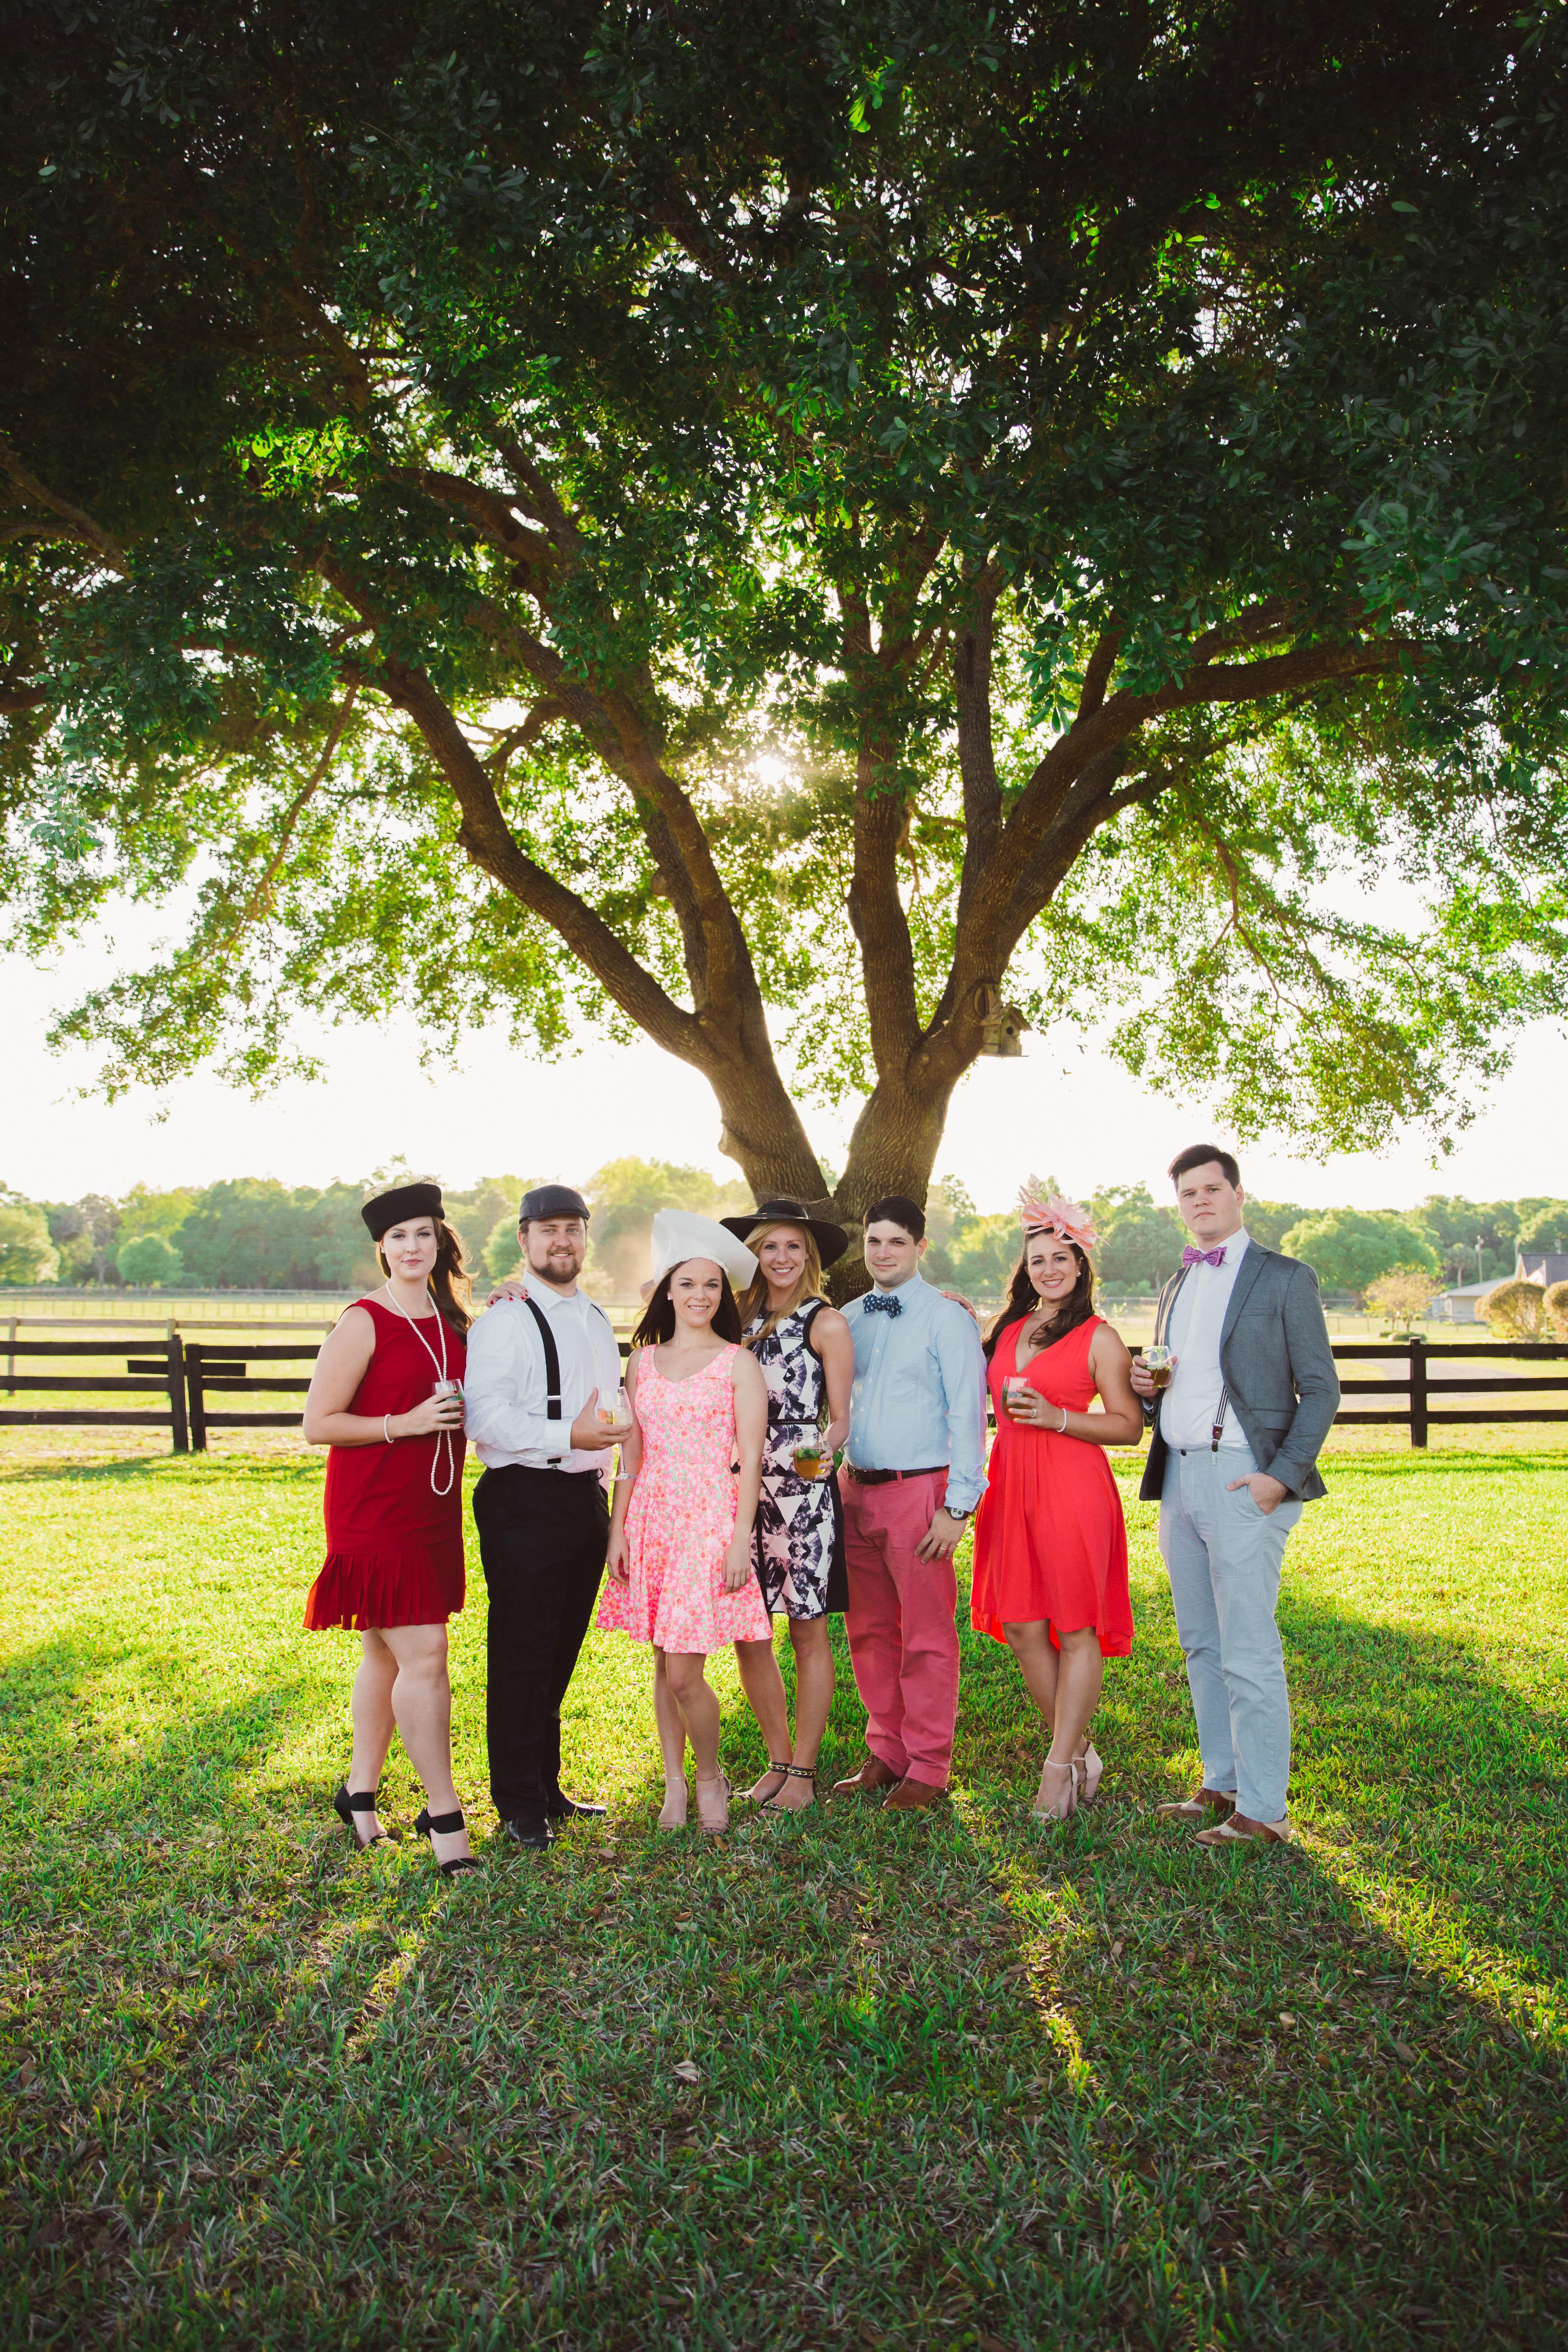 Kentucky Derby Group